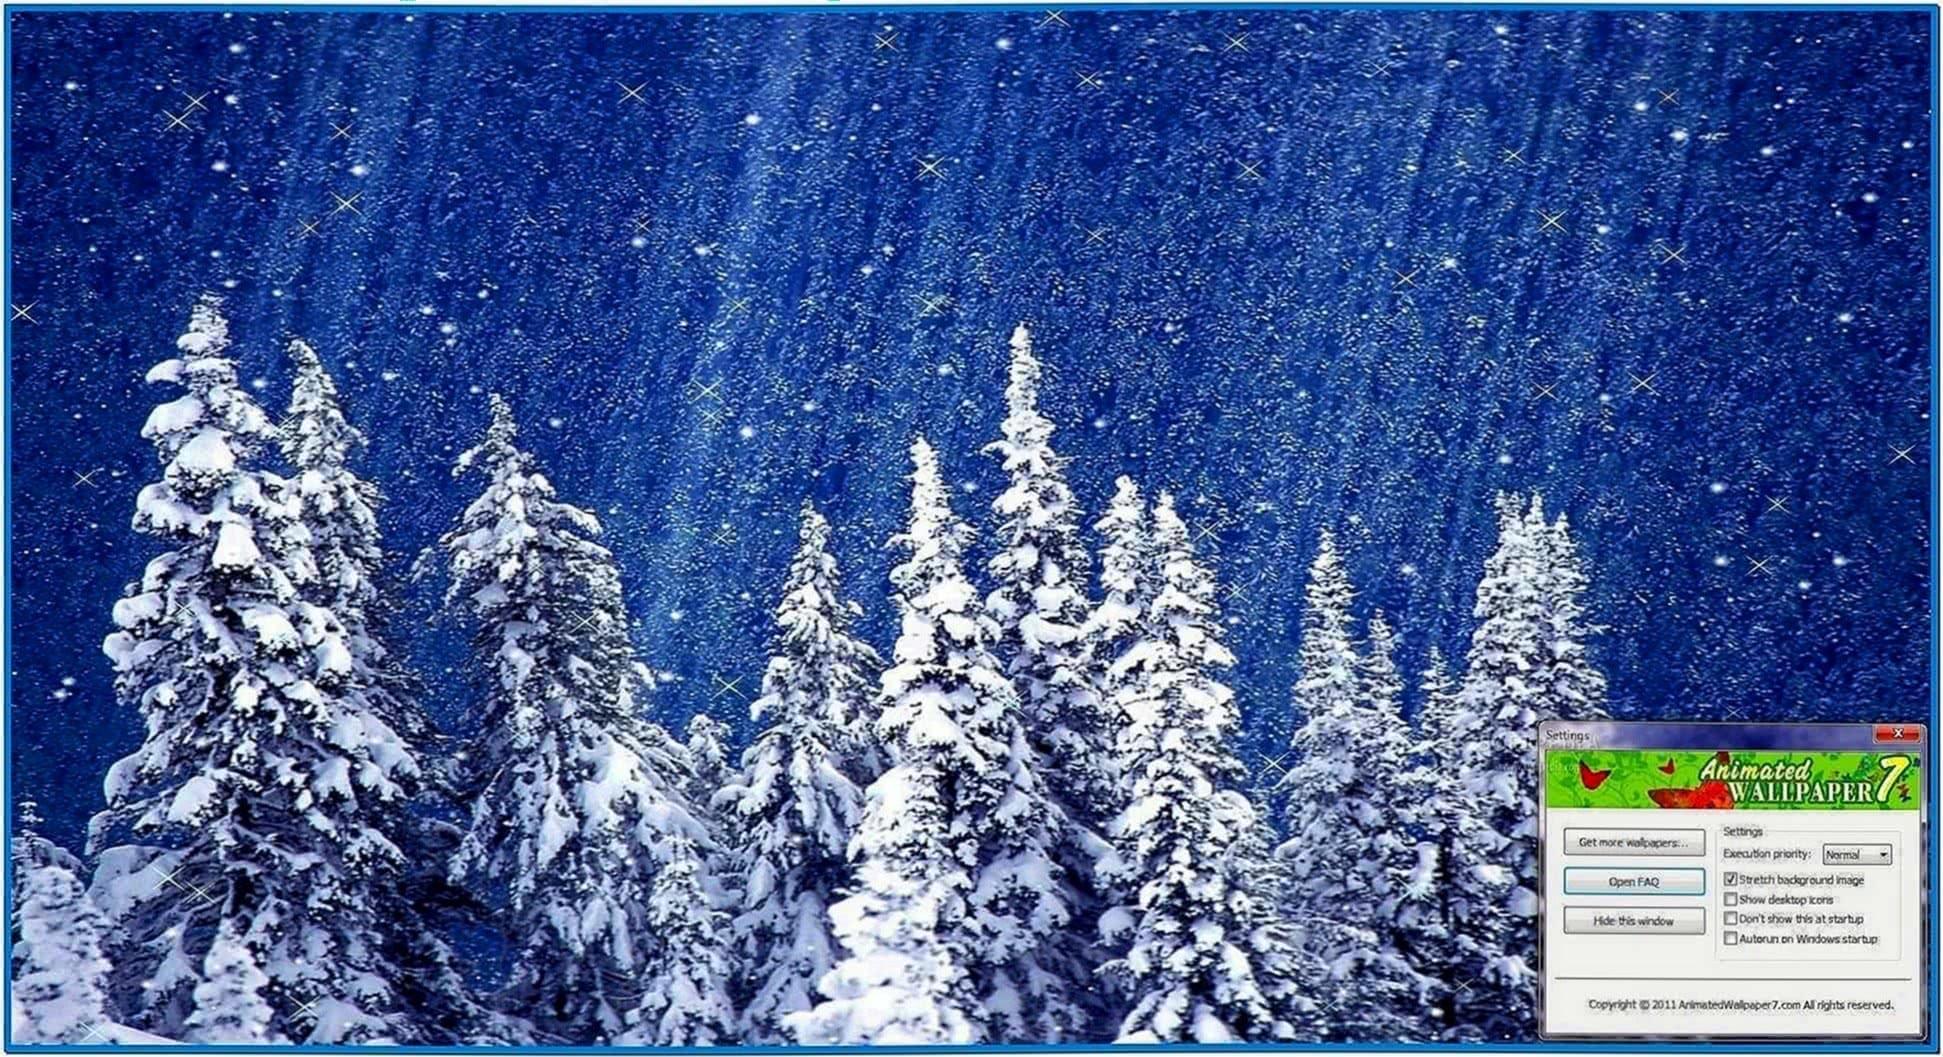 Animated snowfall screensaver